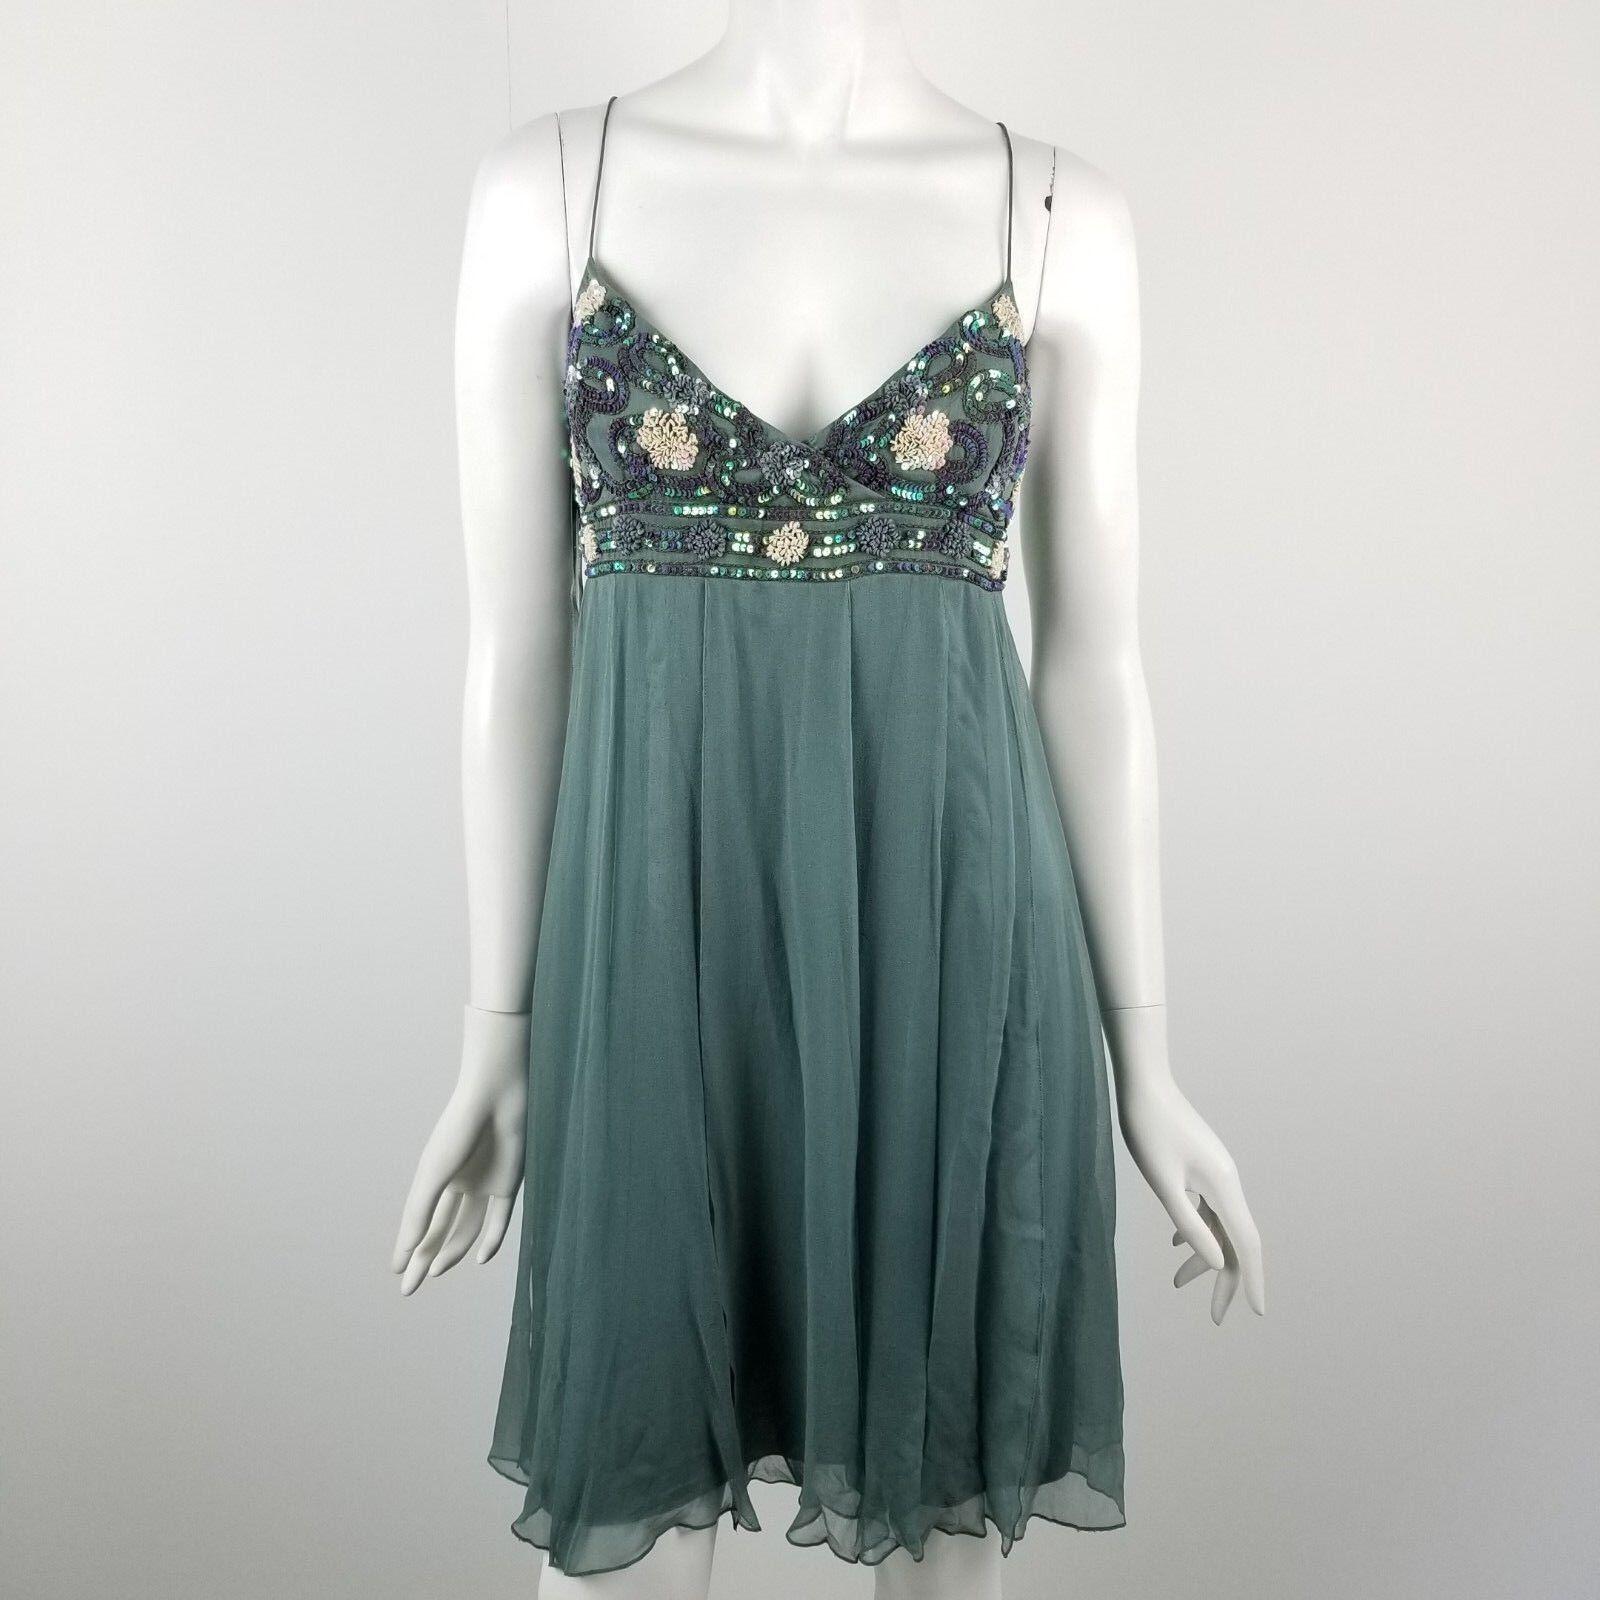 Aidan Mattox Dress damen Größe 8 Sequin Embellished Sweatheart Bust Empire Waist